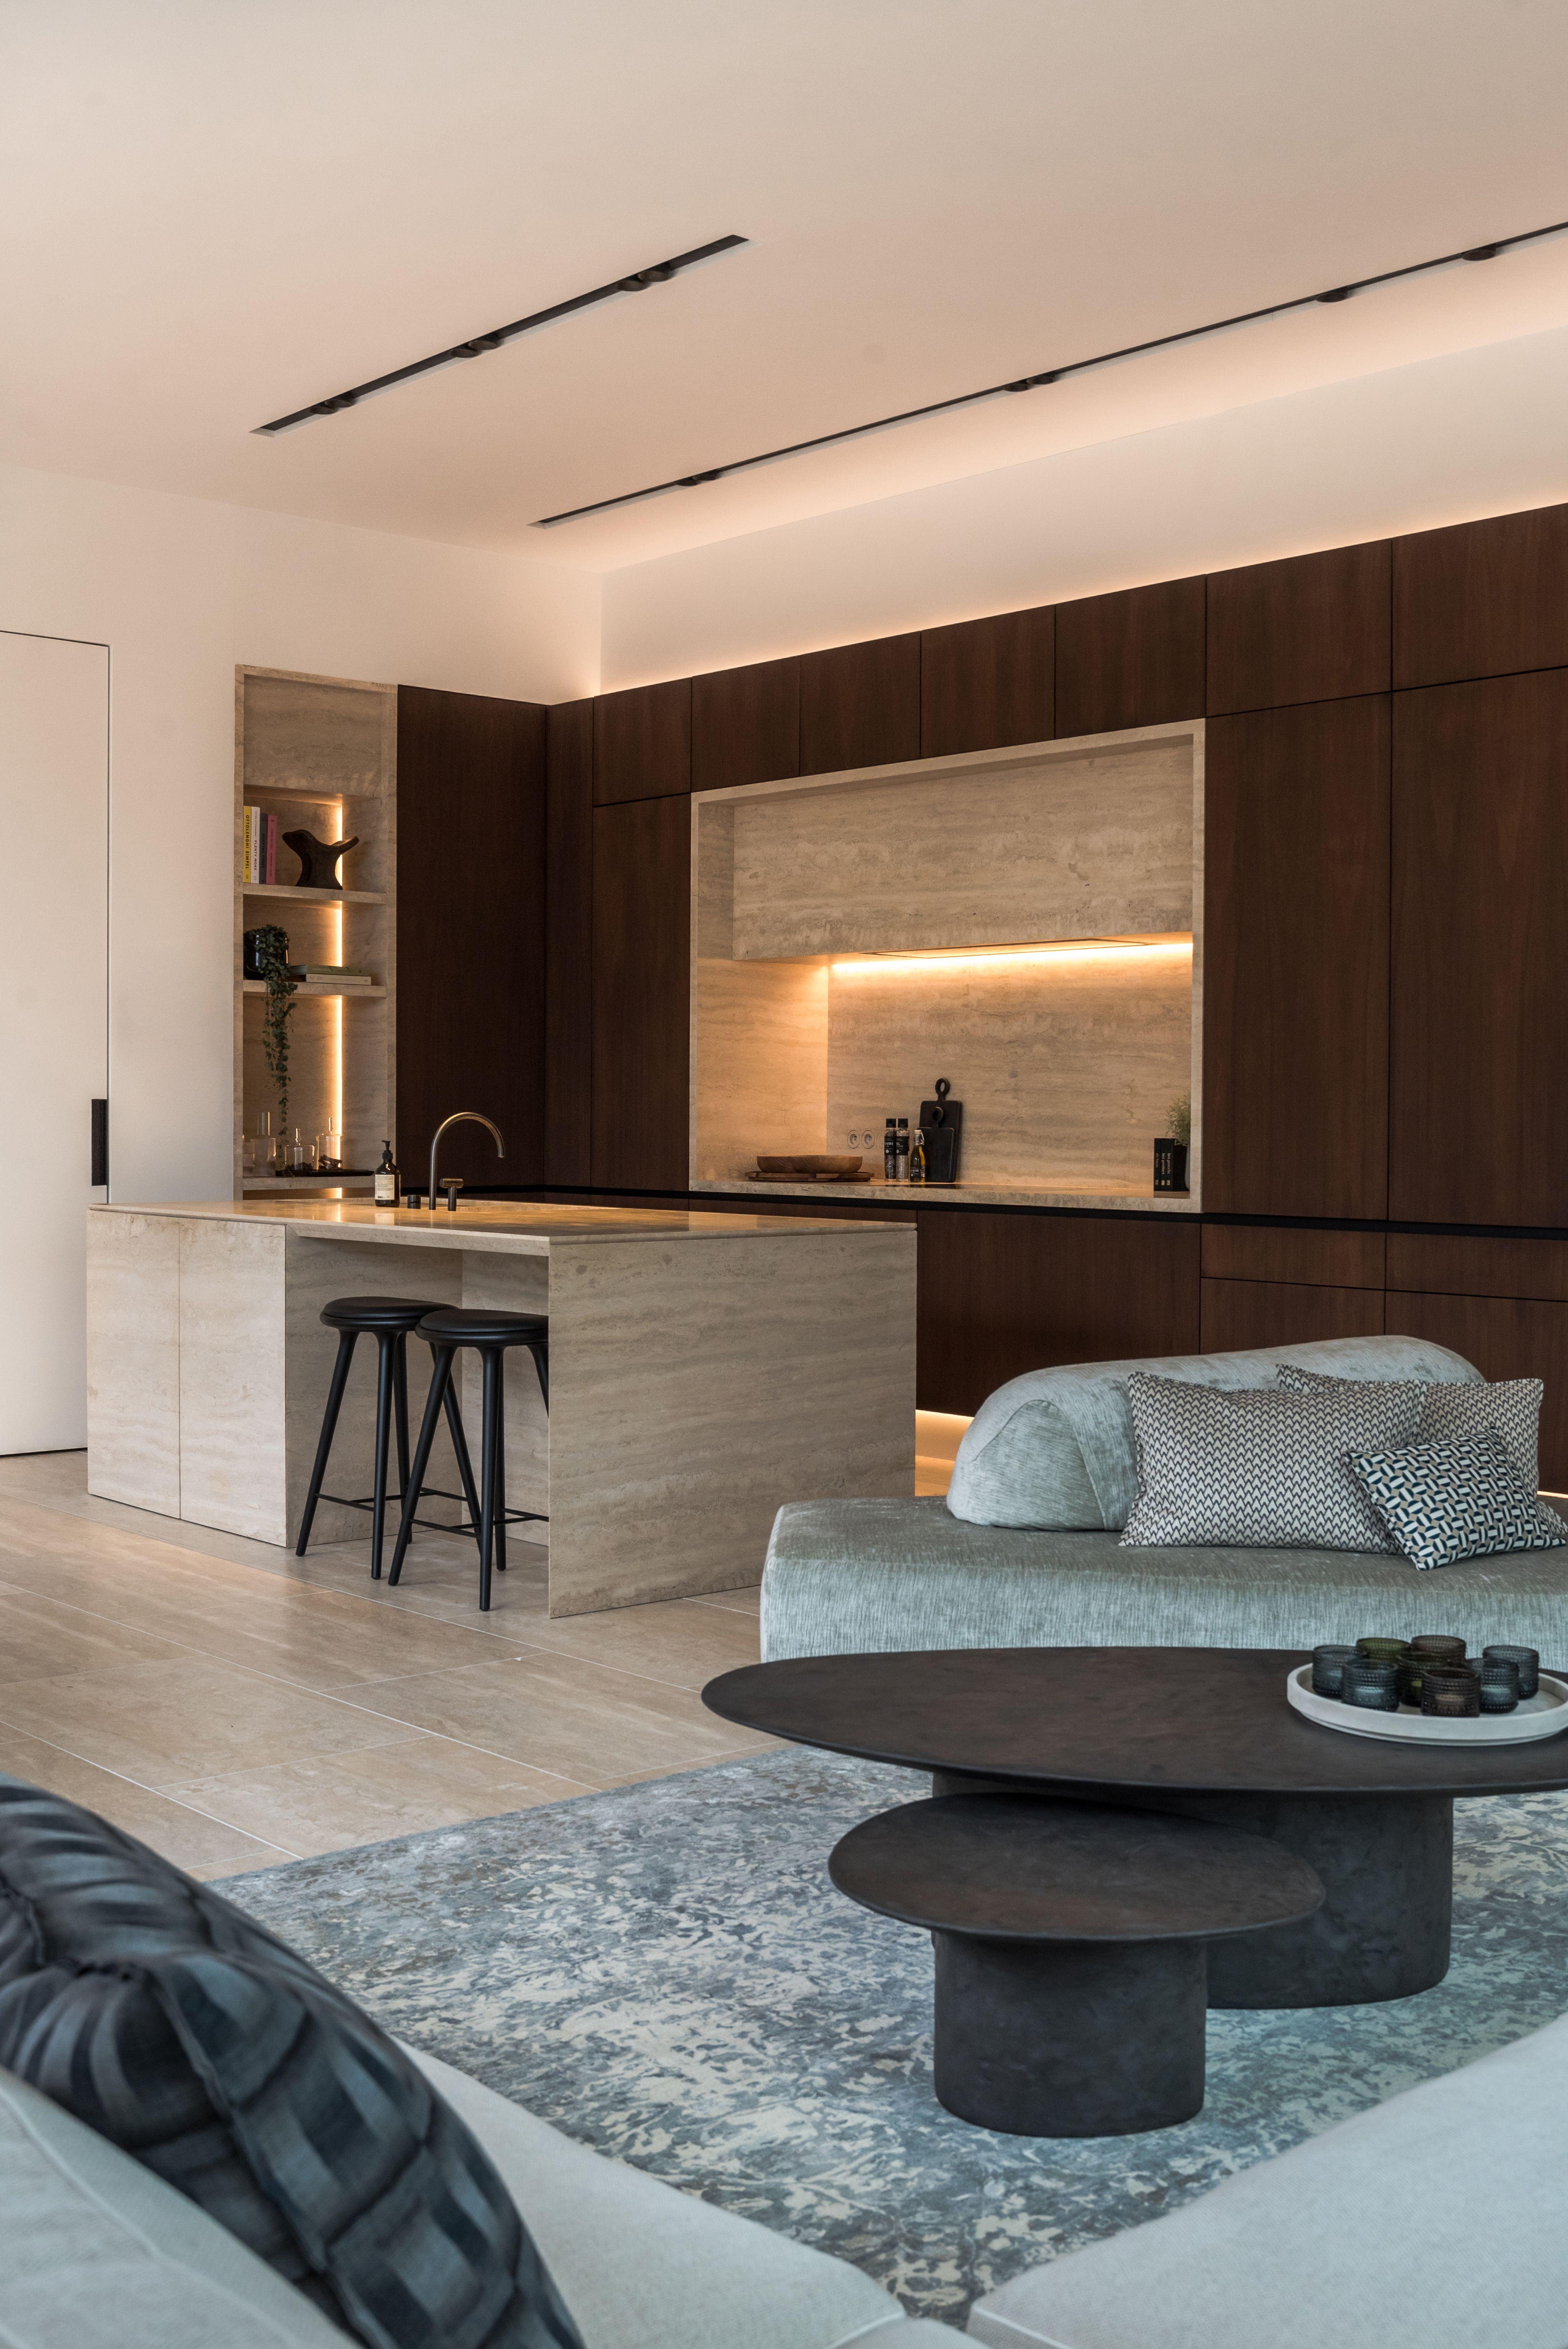 Dietervandervelpe In 2020 Kuchen Design Innenarchitektur Kuchendesign